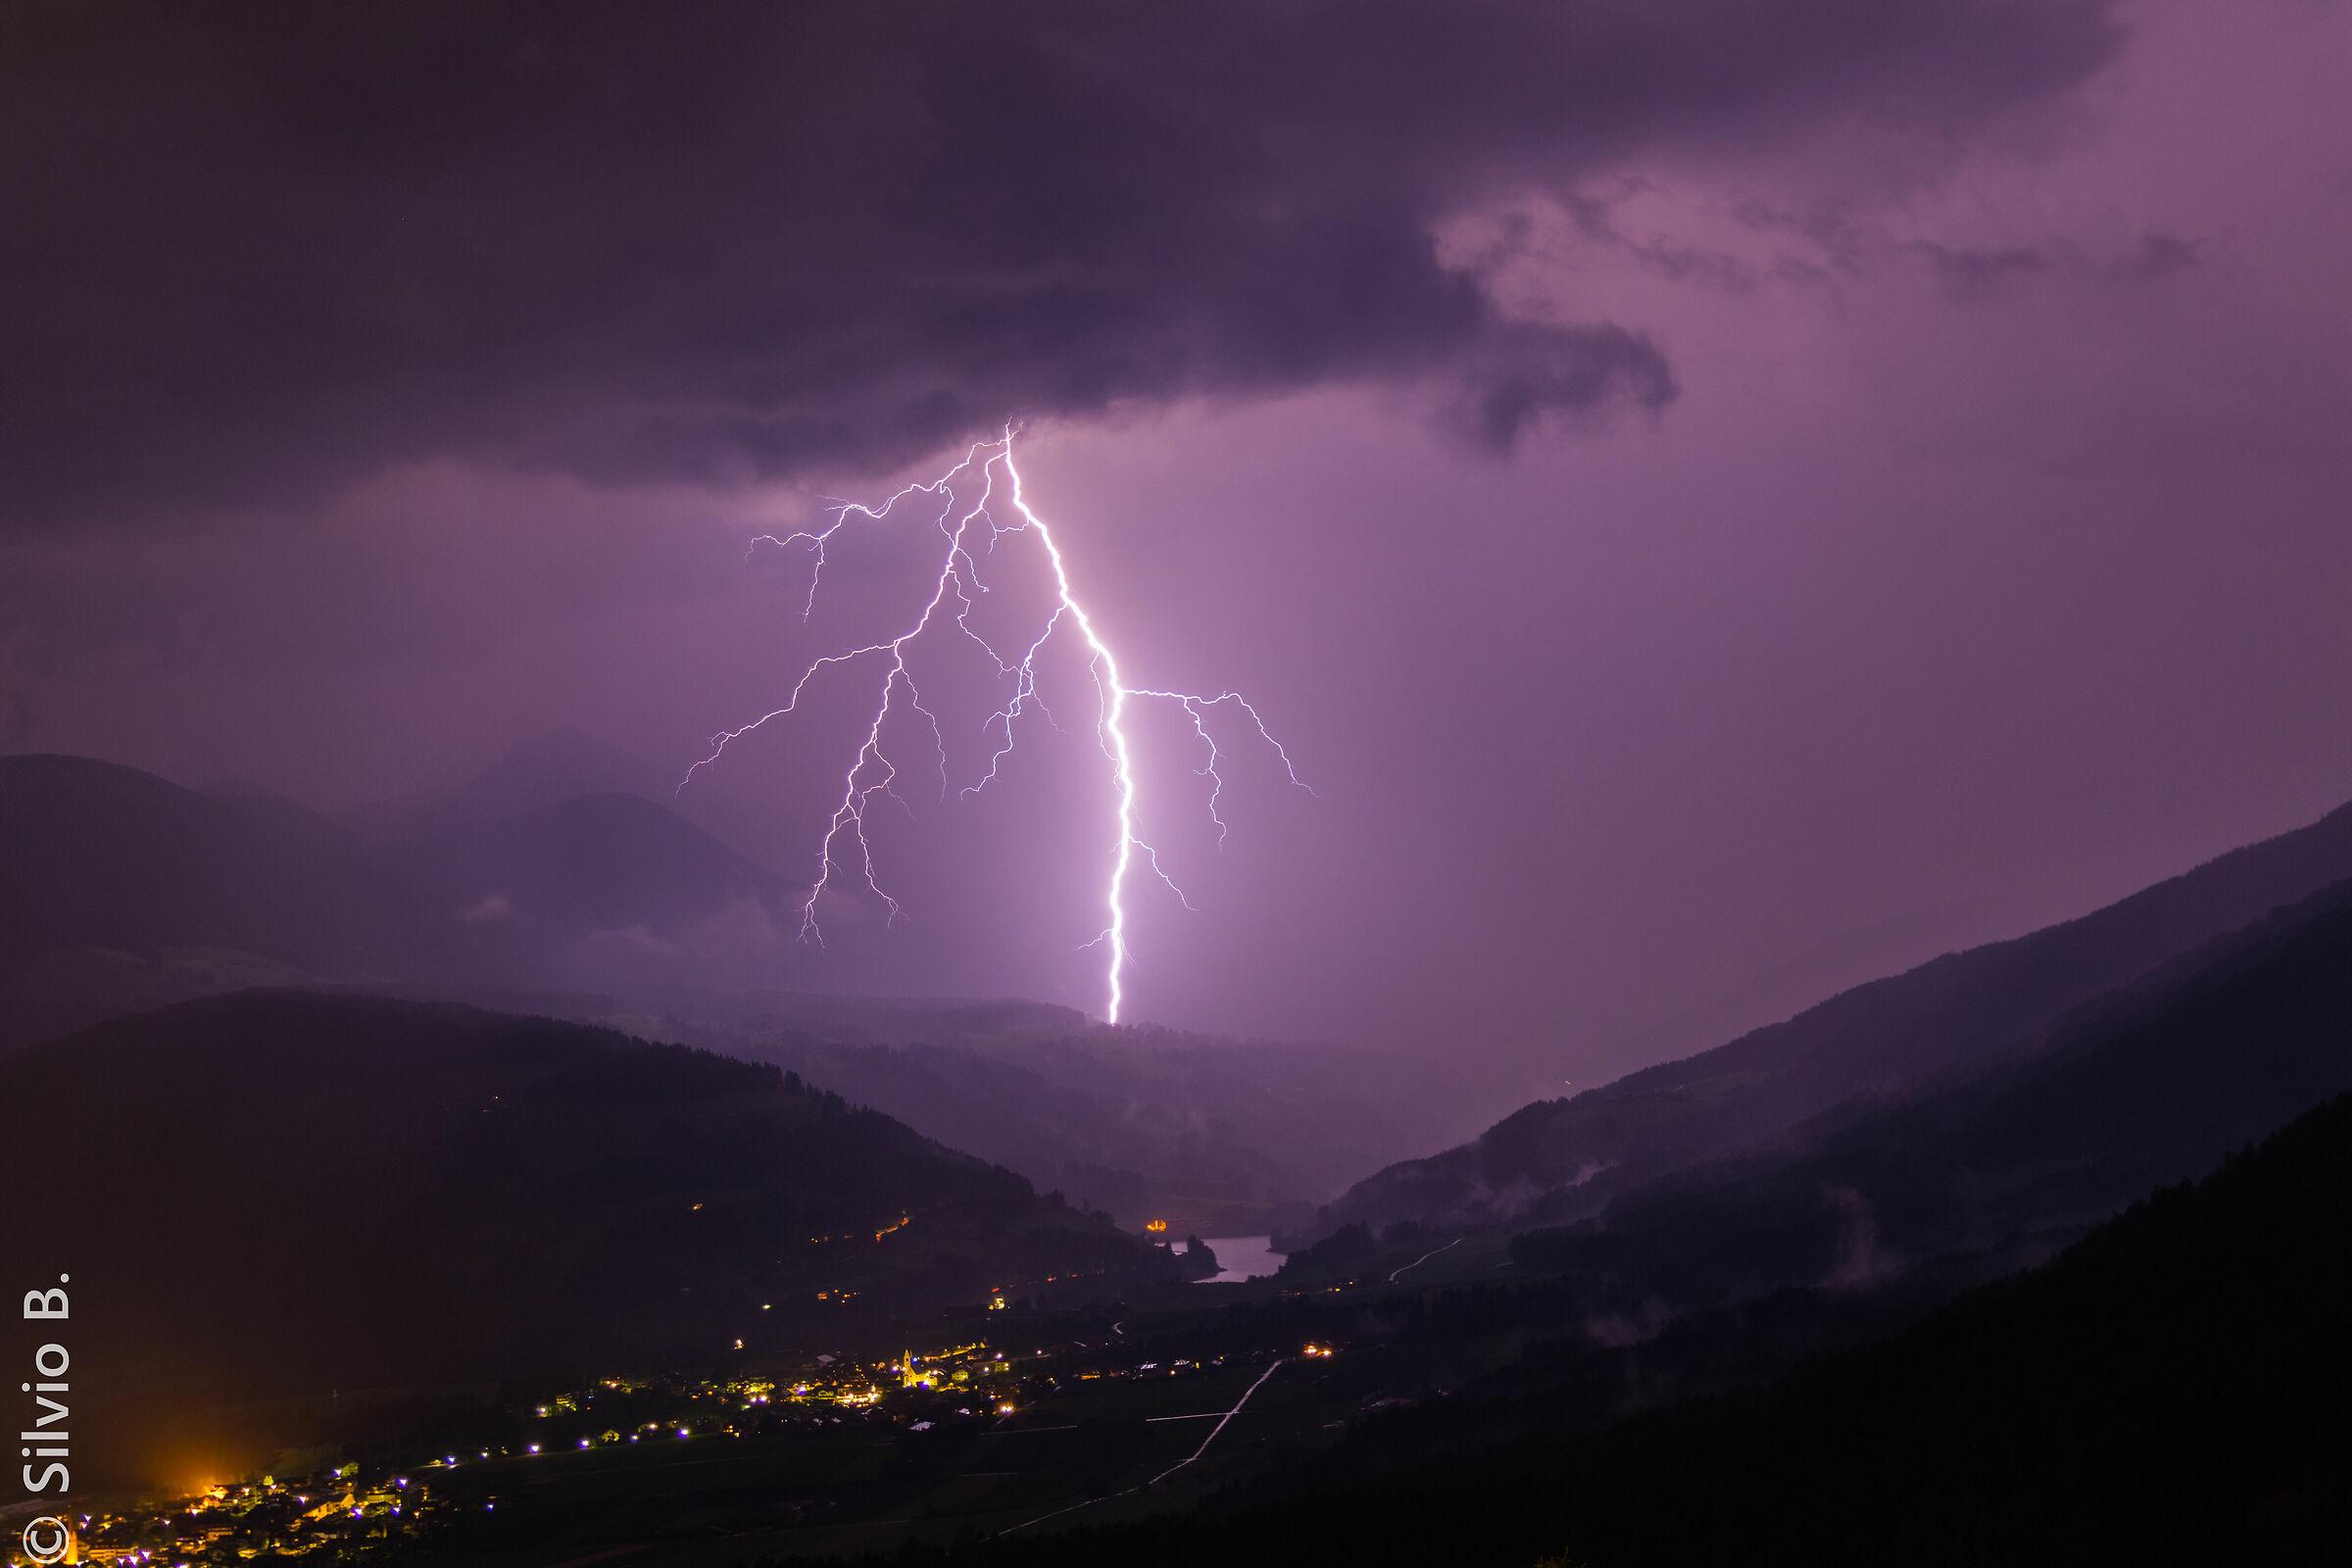 Overnight thunderstorm in Valdaora...